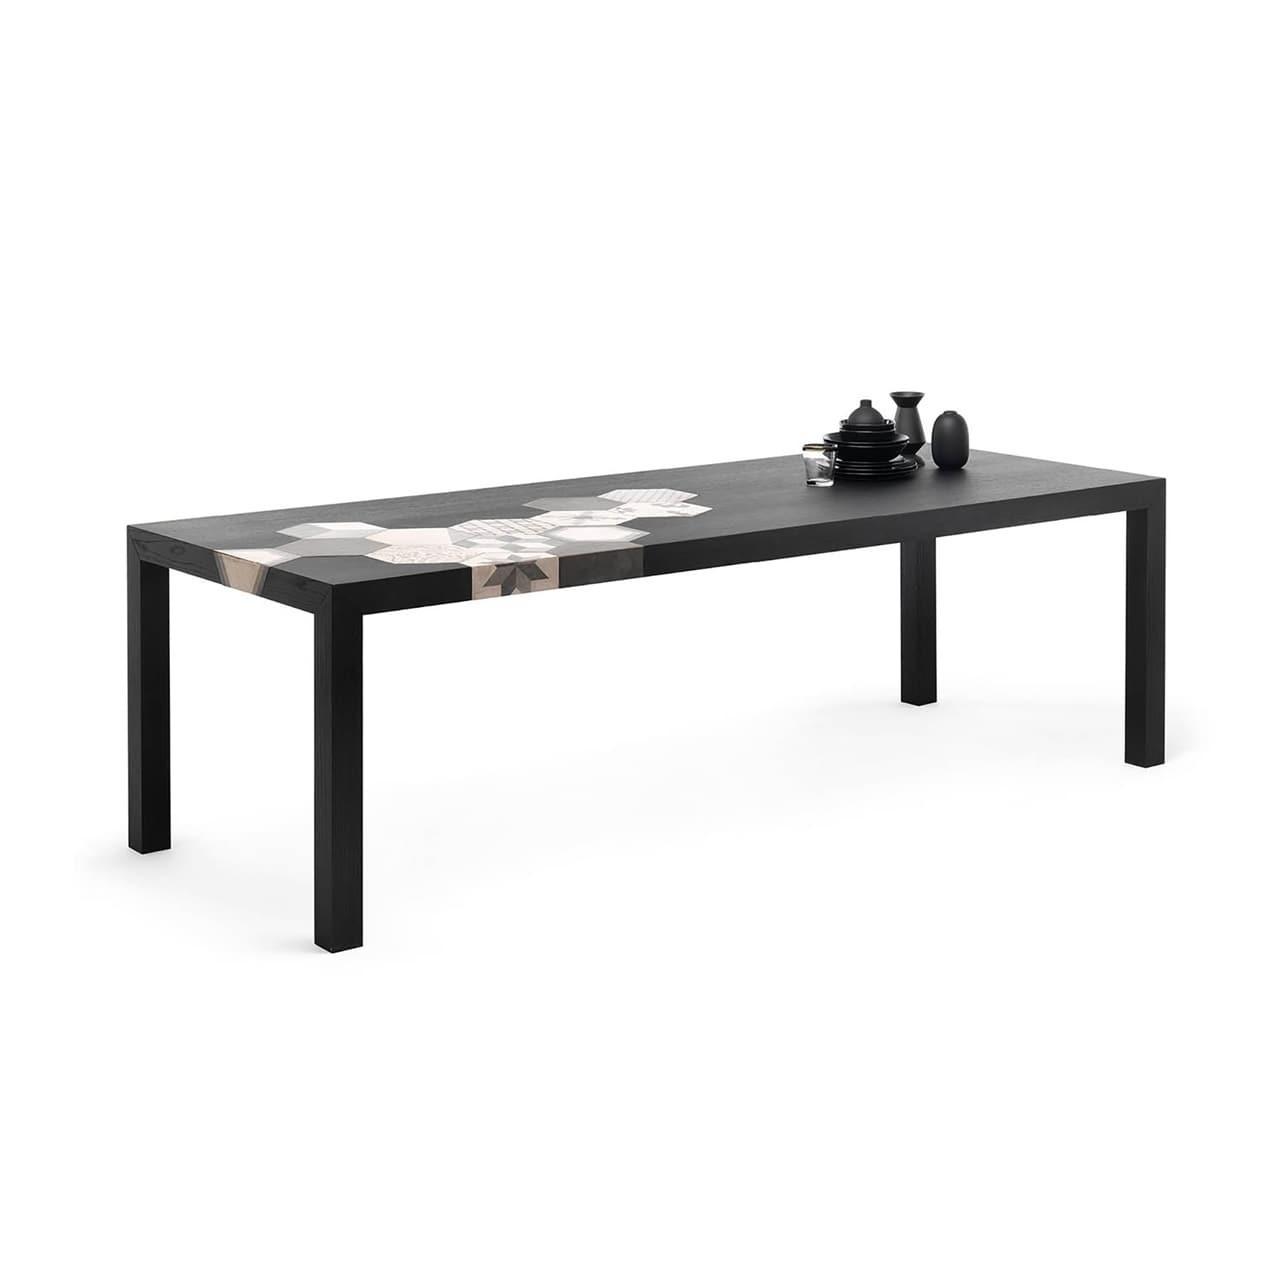 Mogg CEMENTINO |tavolo fisso|